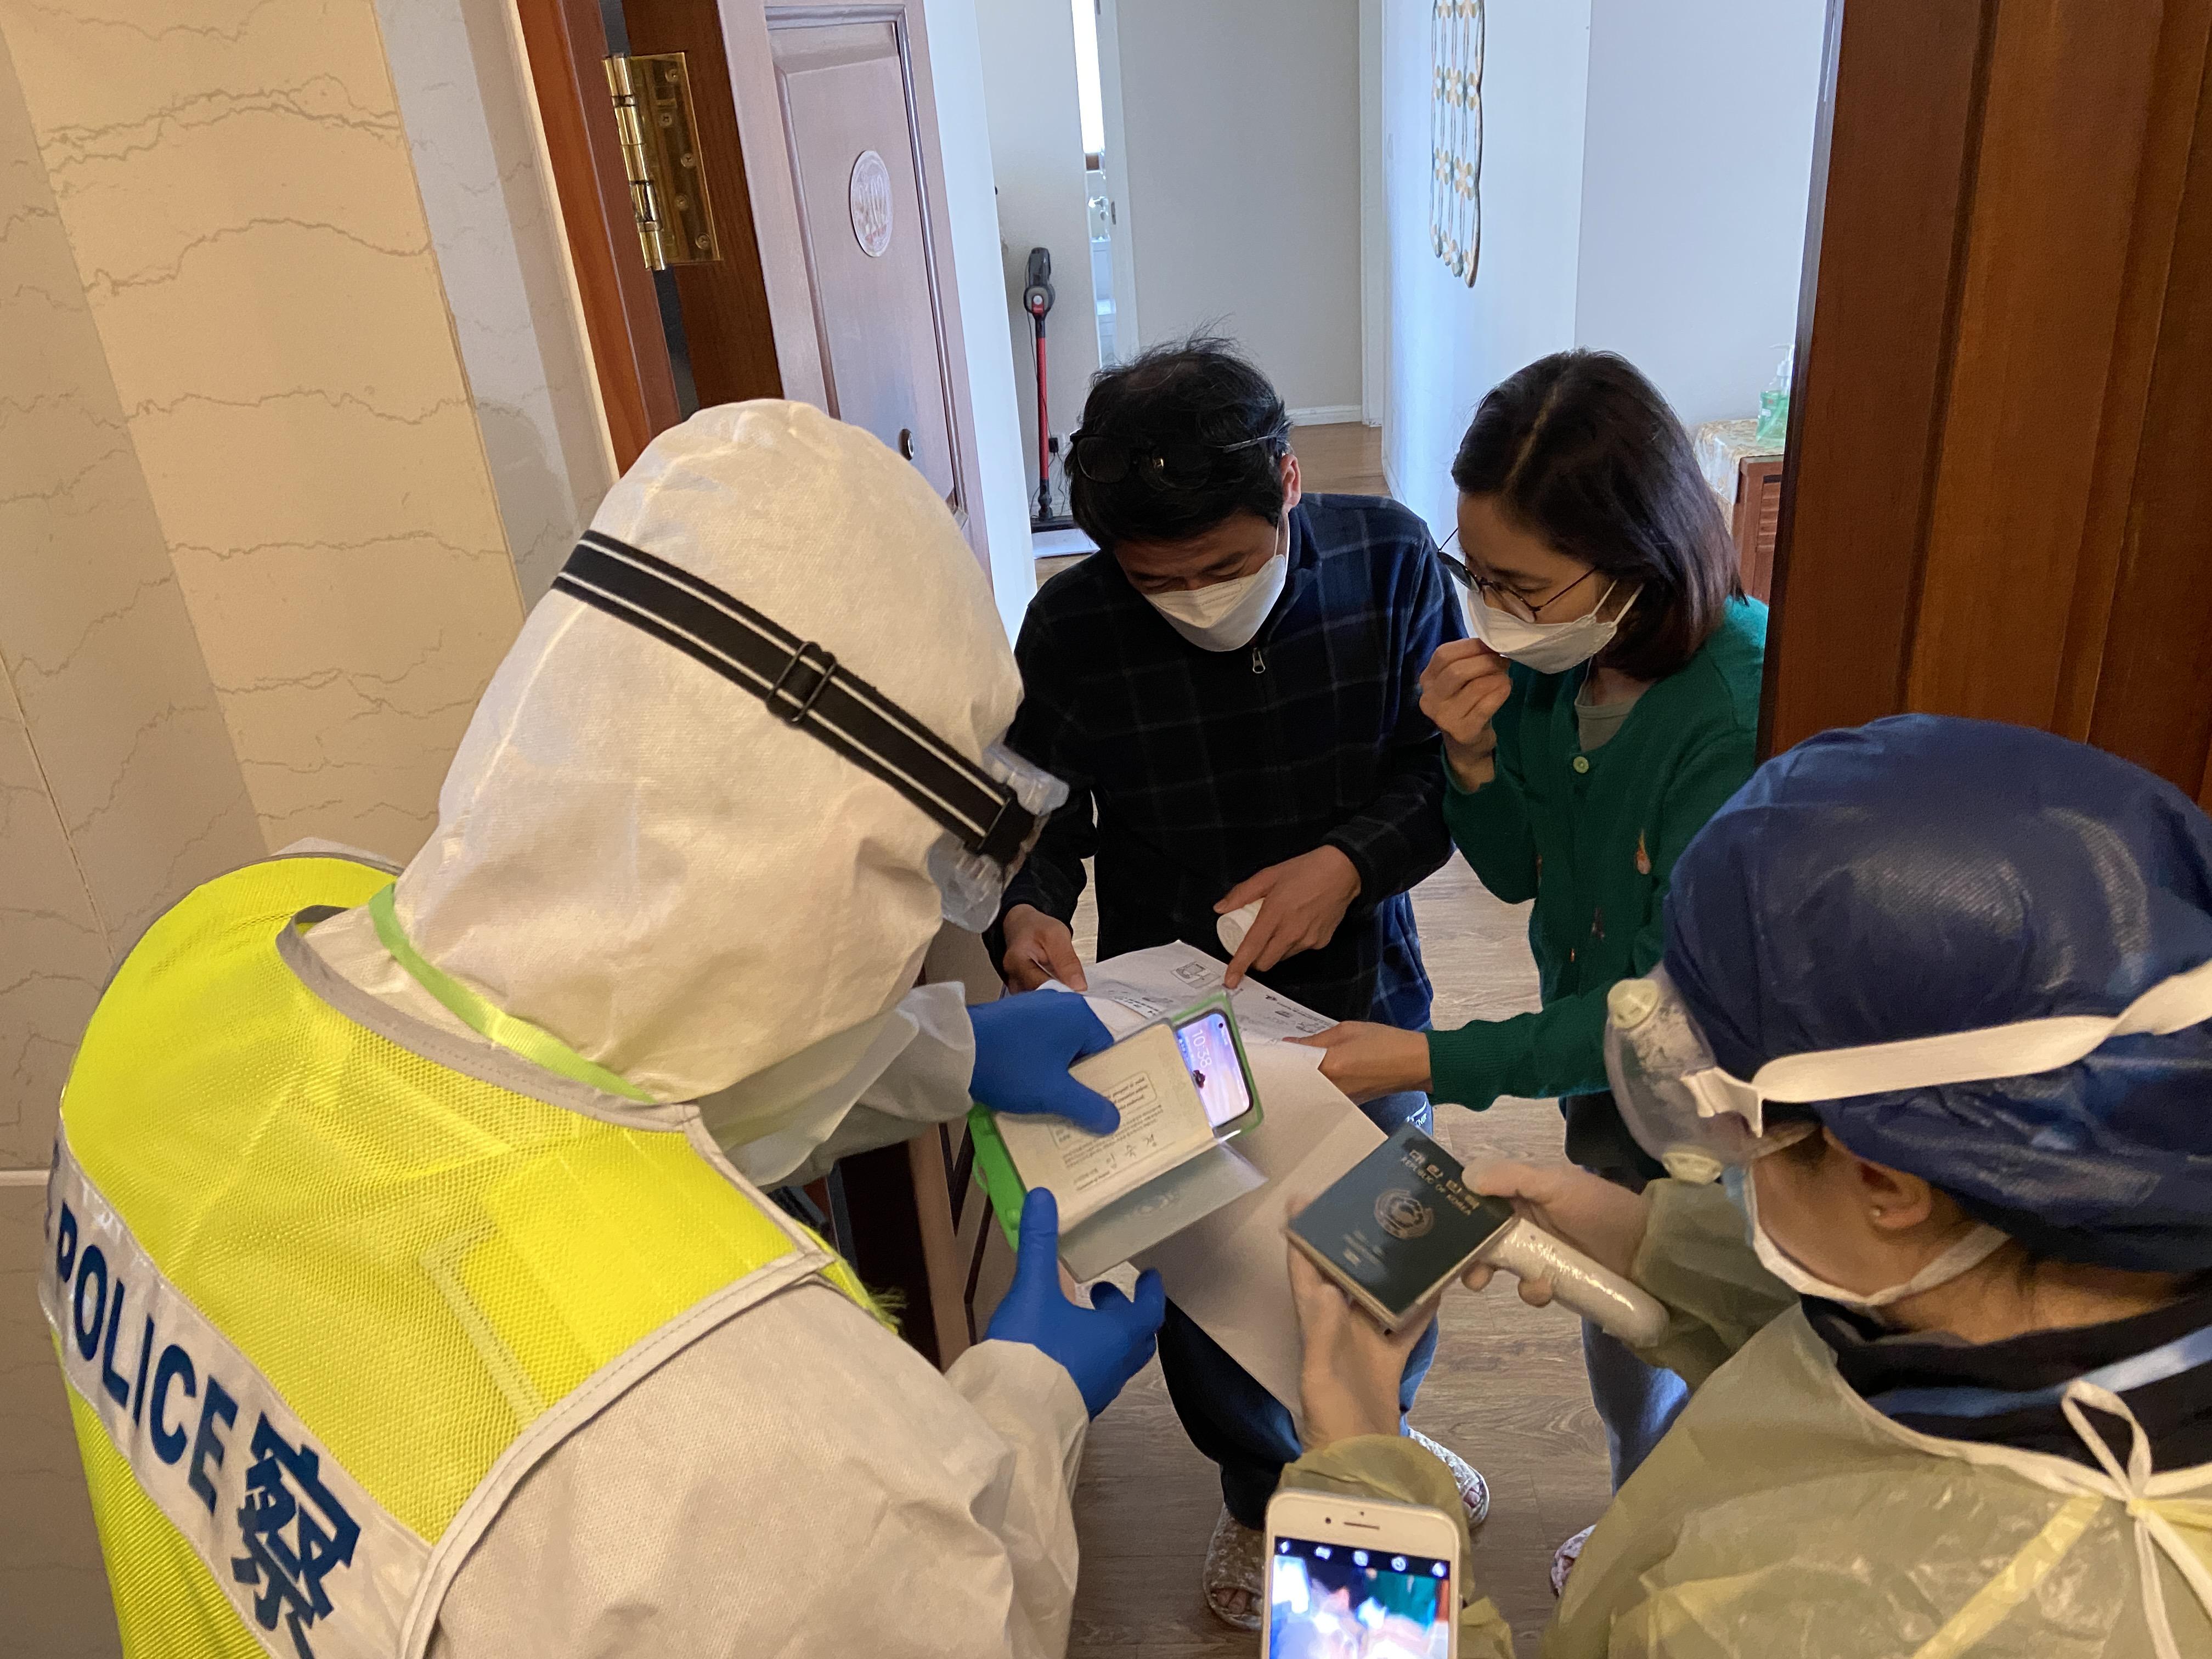 上海入境人员居家隔离执行到位吗?记者实地探访:民警入户检查,装